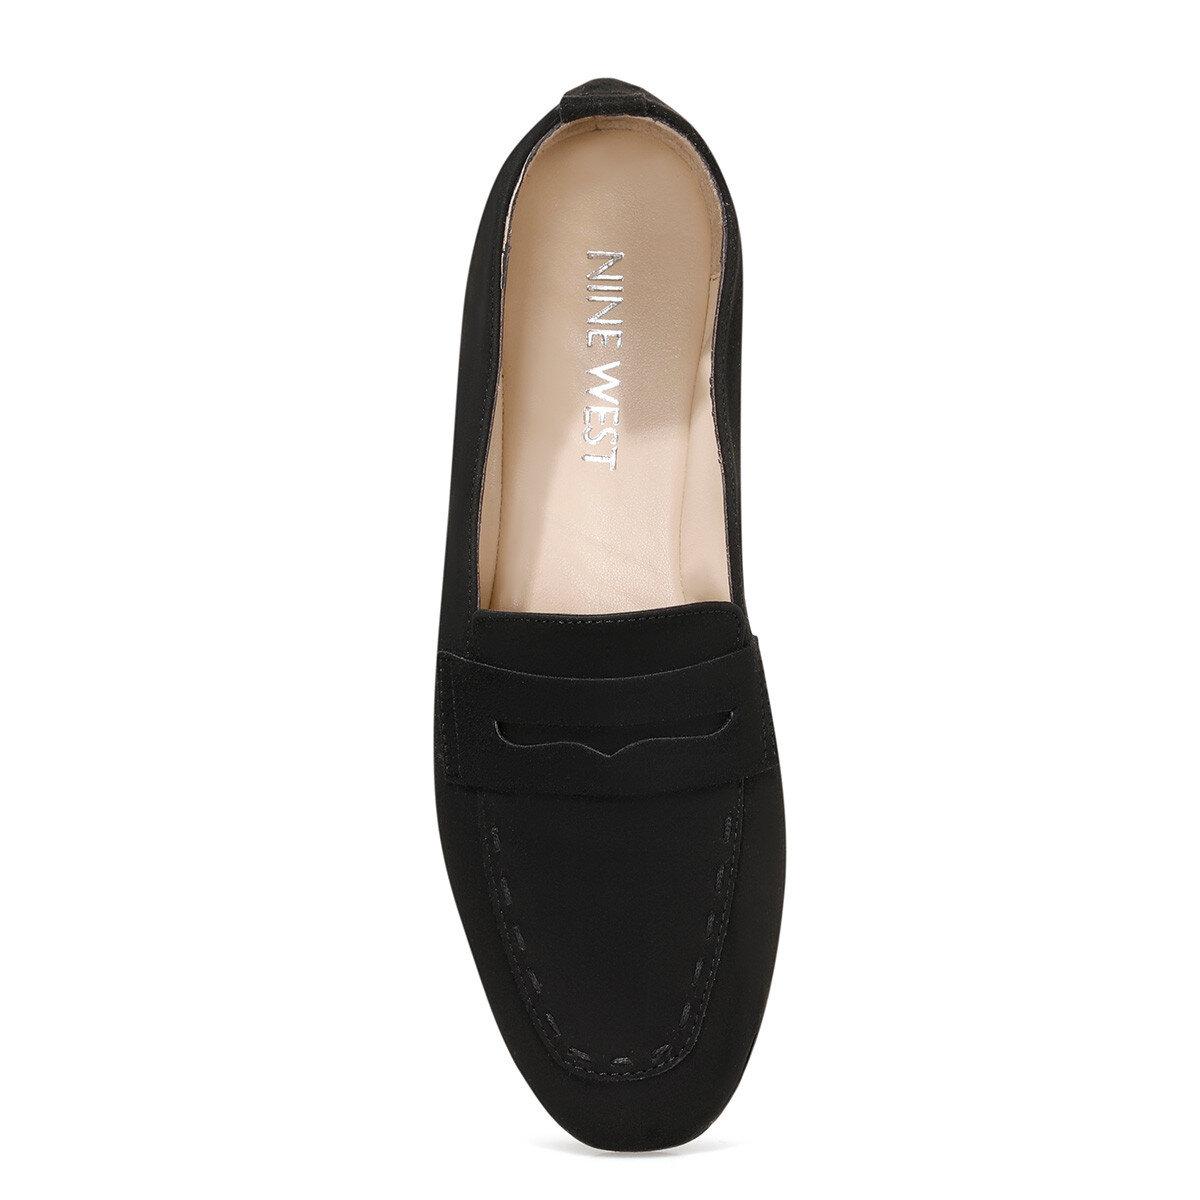 LEFUR3 Siyah Kadın Loafer Ayakkabı